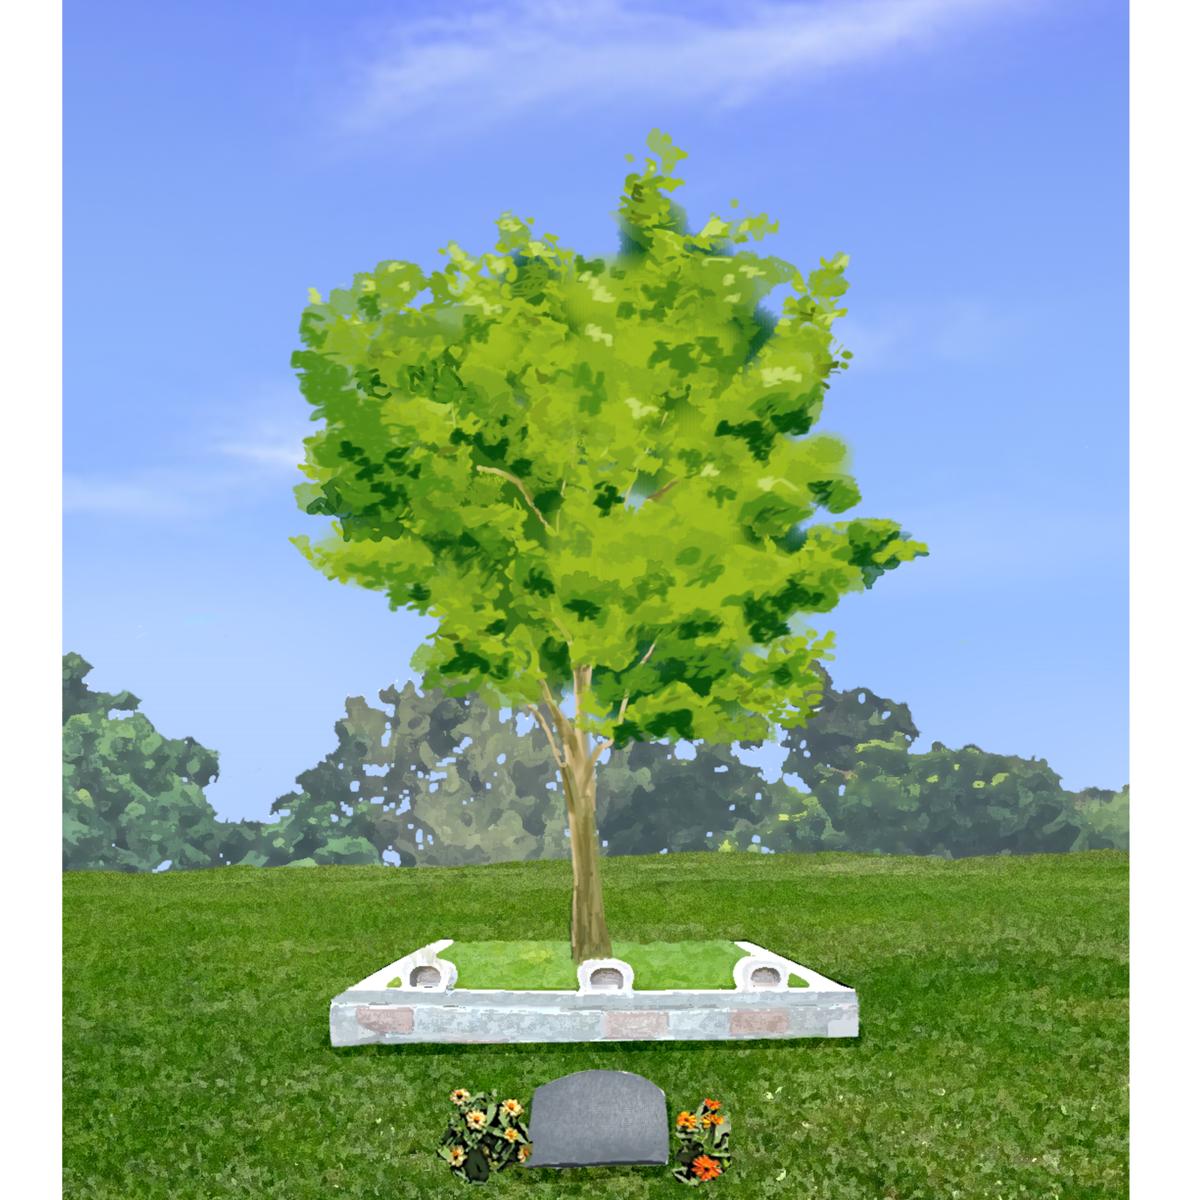 火葬でも土葬でもない。遺体を堆肥化する埋葬方法が考えられているらしい。